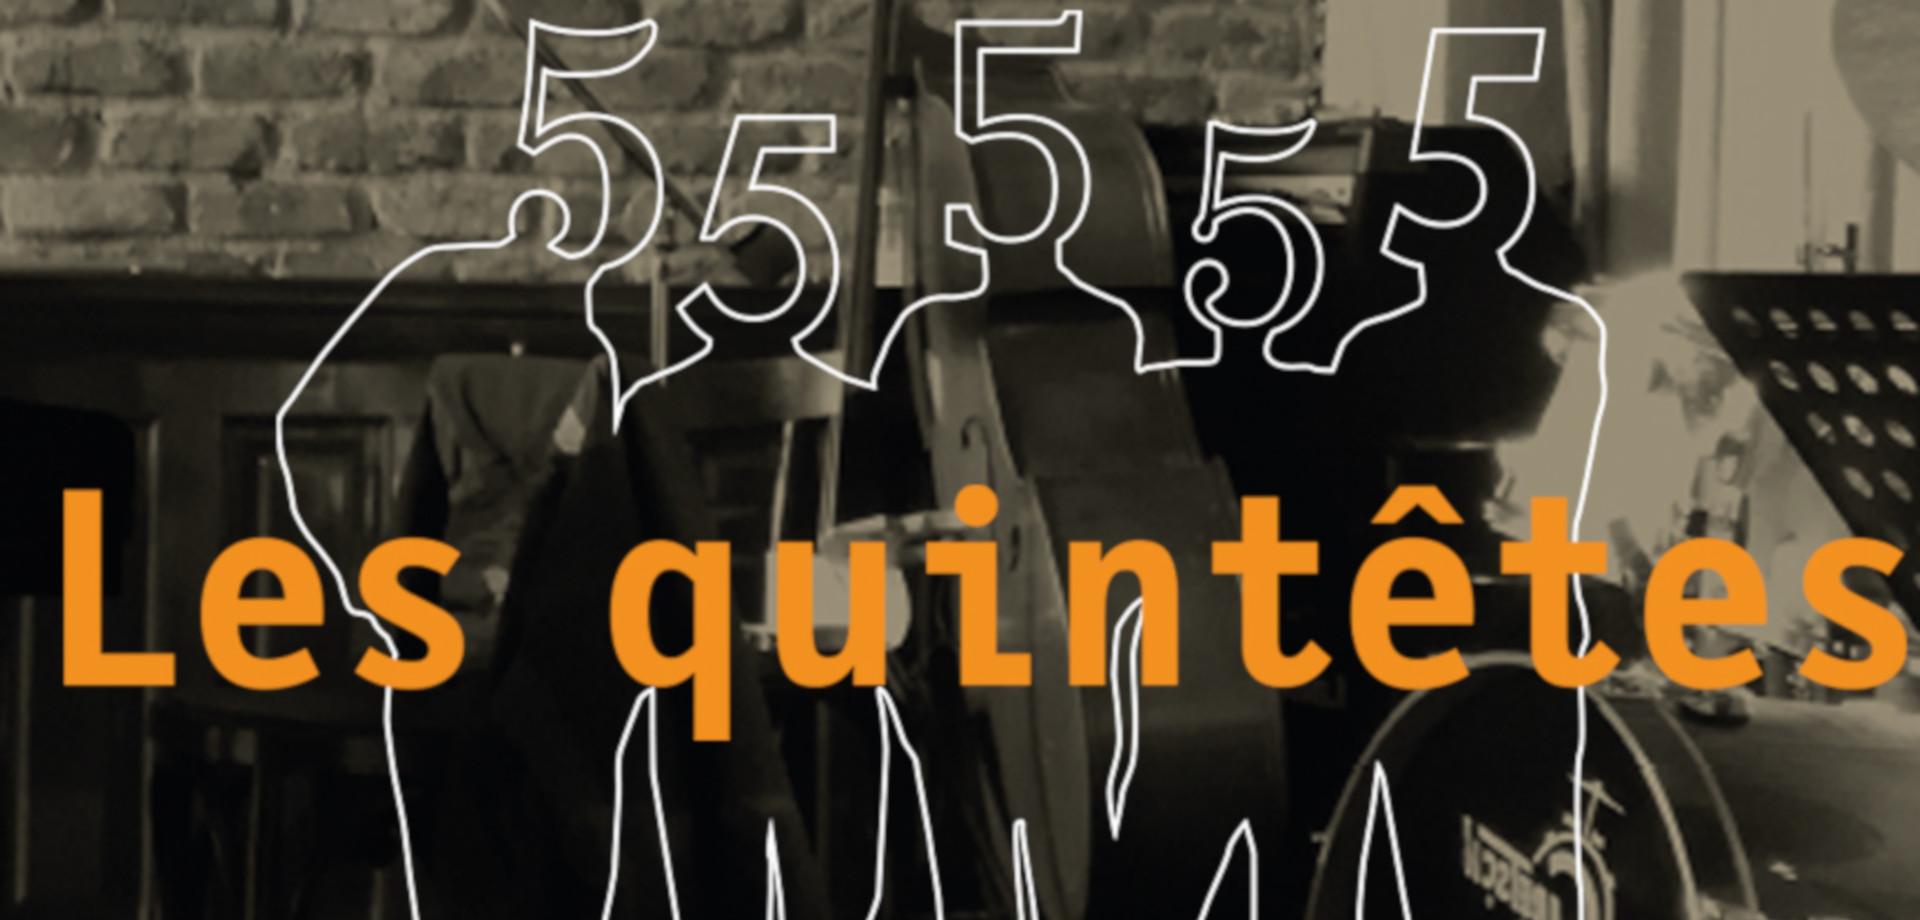 Les Quintetes